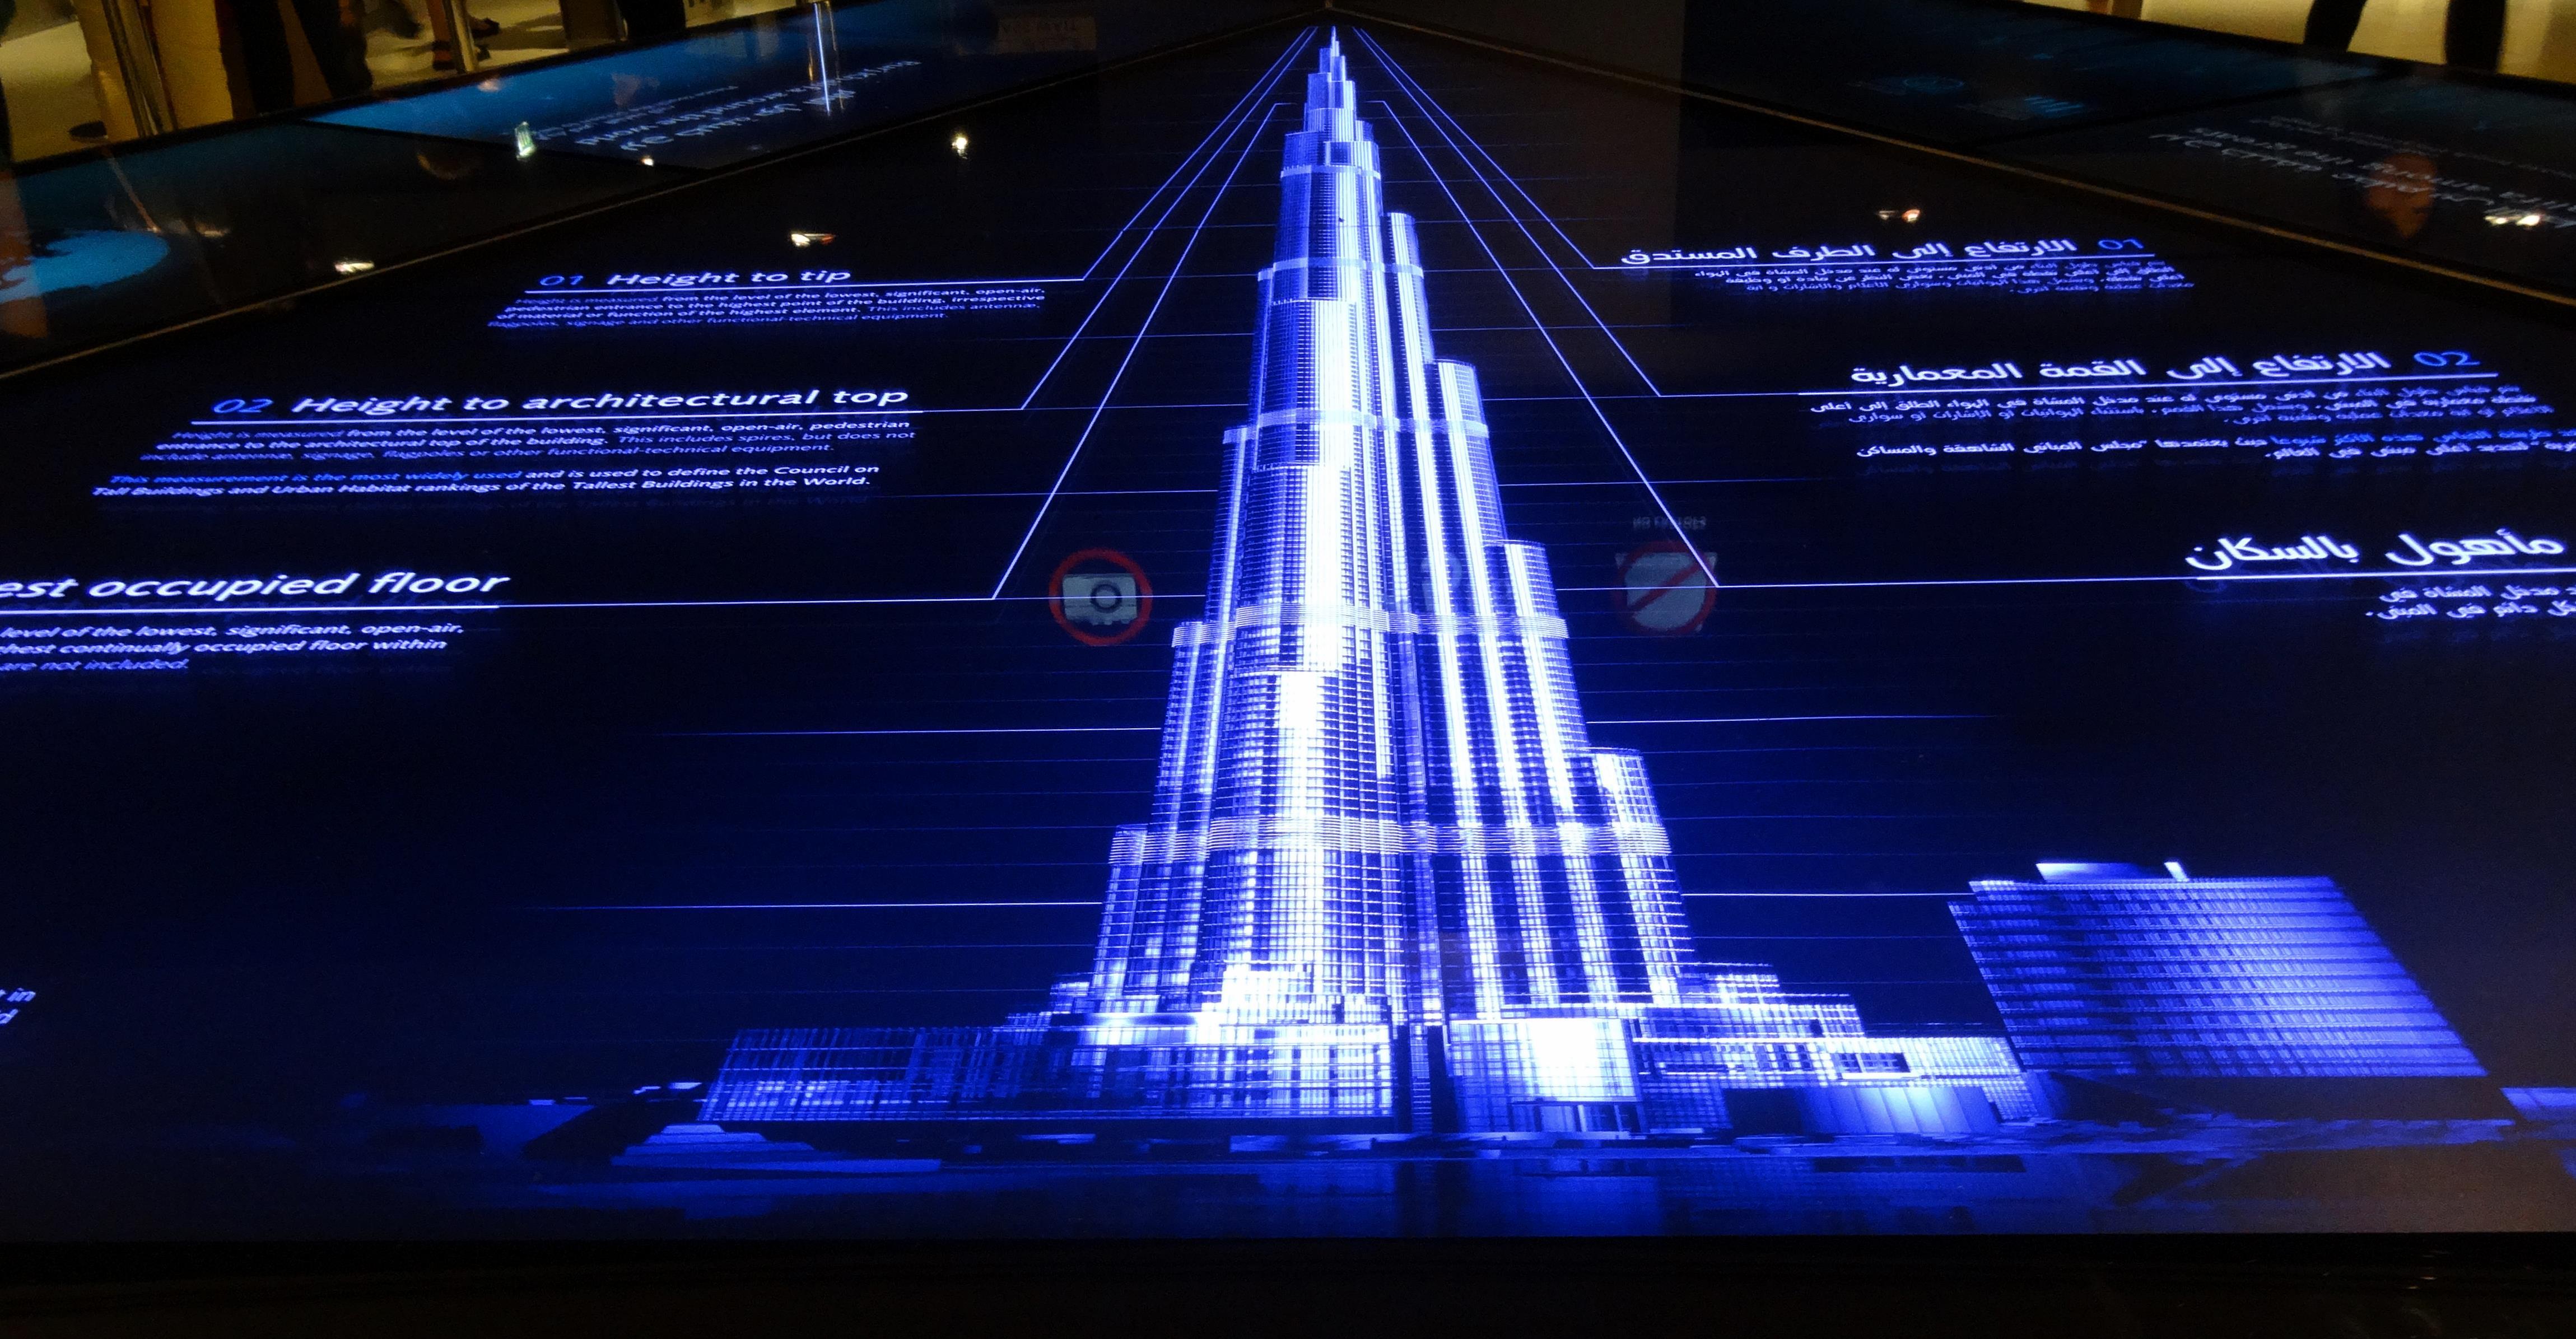 AngelLovesDreams Dubai Dubaj Burj Khalifa Burdż Kalifa podróż_7